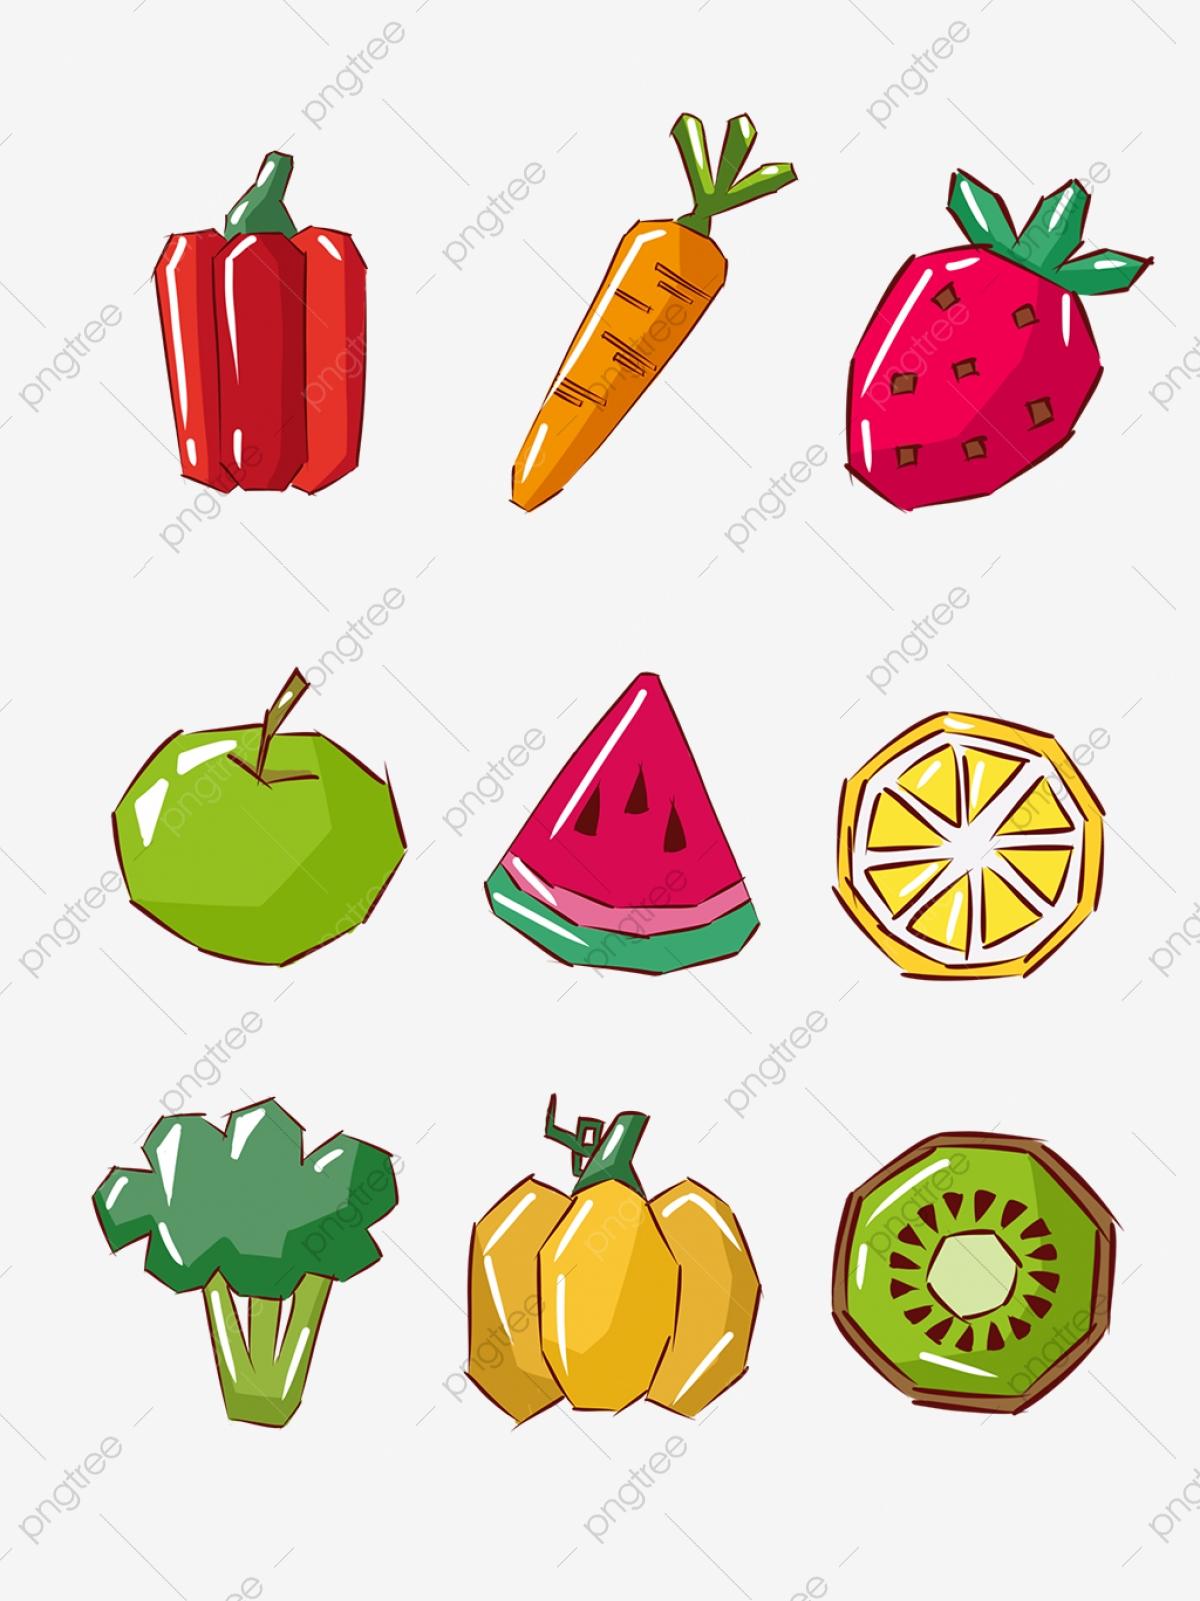 اسماء الخضروات والفواكه